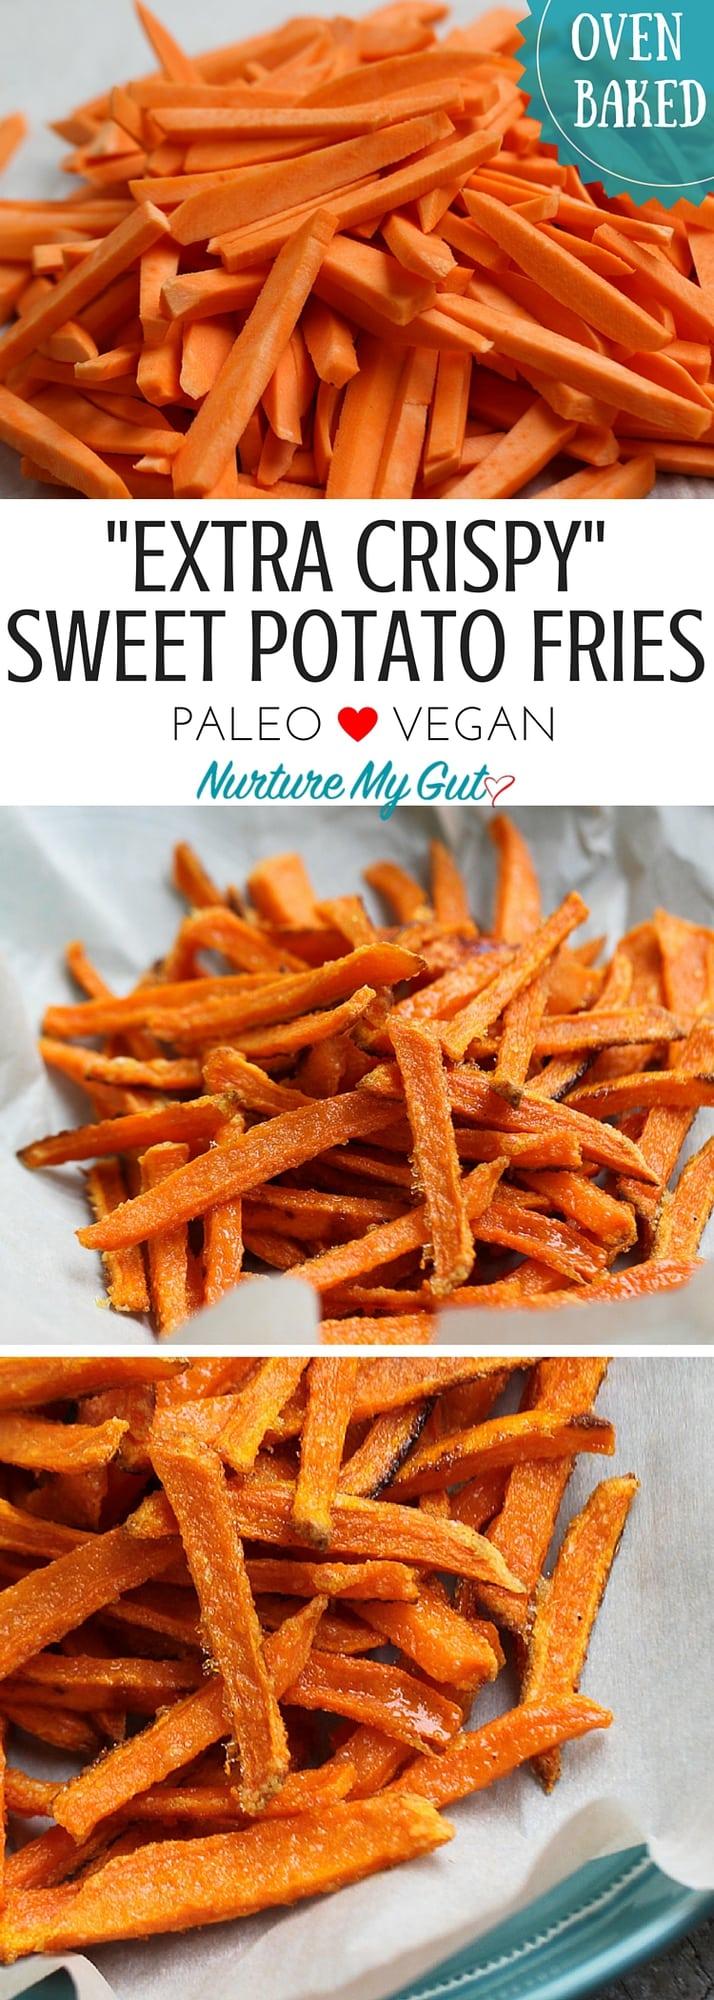 Crispy Oven Baked Sweet Potato Fries -